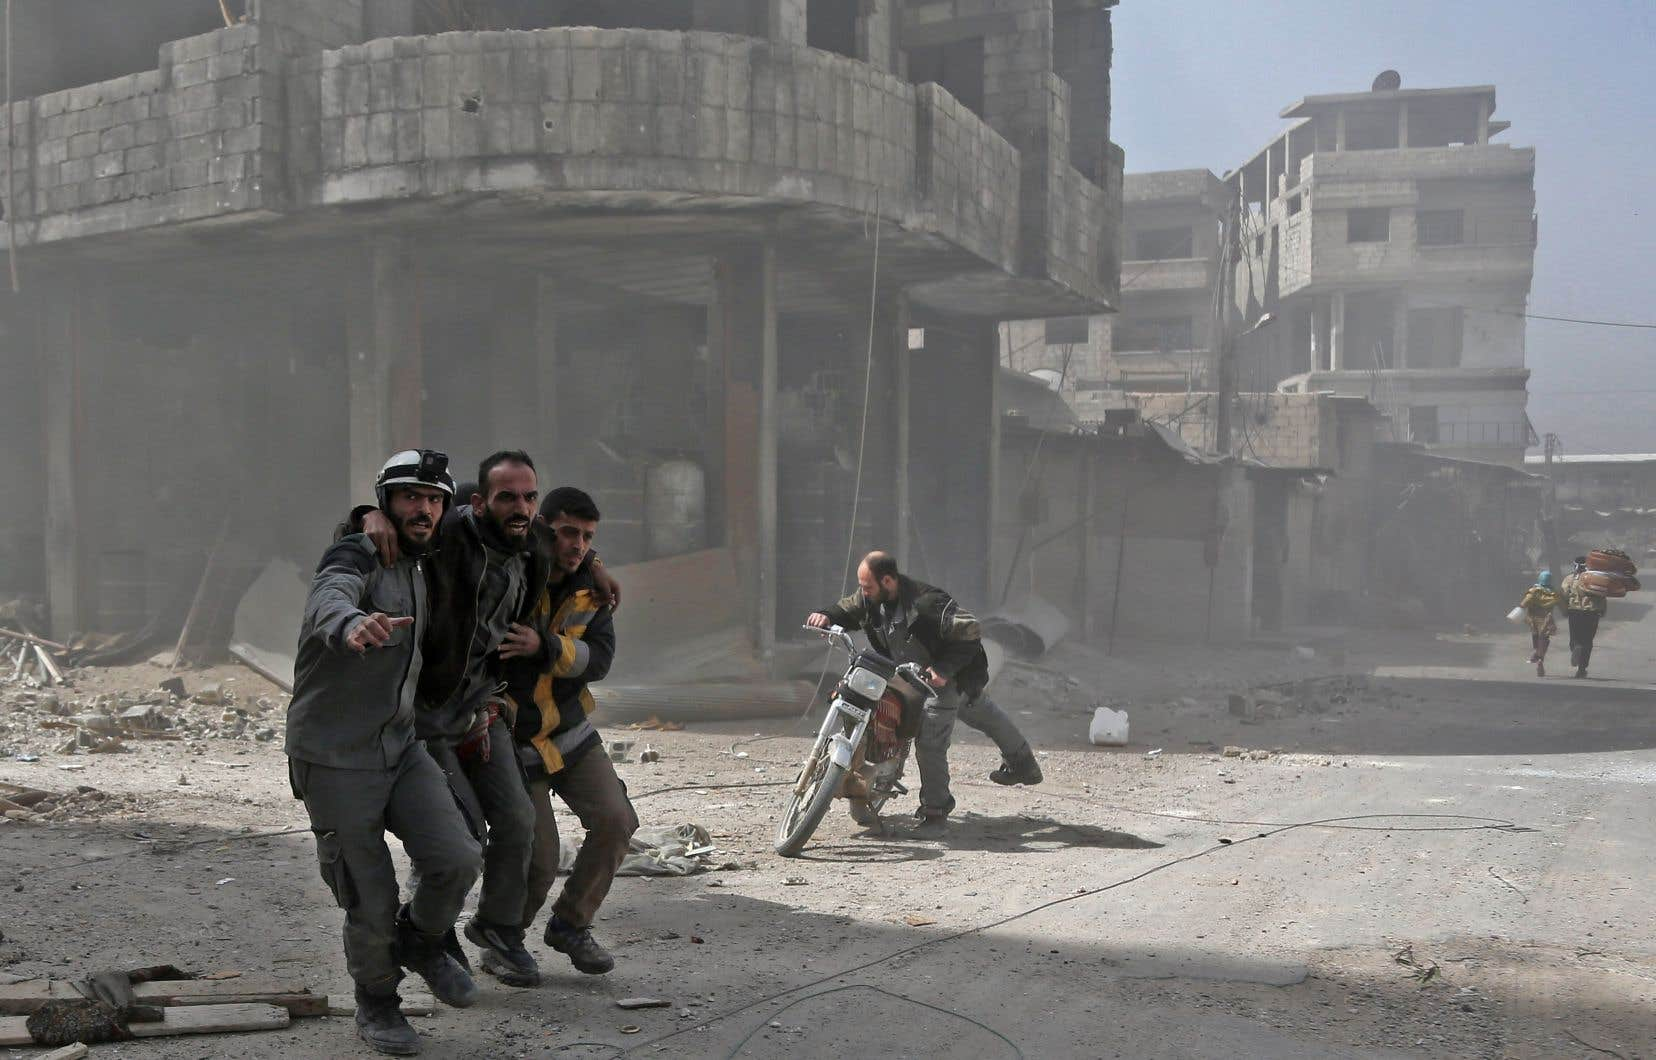 Des volontaires de la défense civile syrienne aident un homme à Hamouria pendant le bombardement du gouvernement de Bachar al-Assad sur des zones de la Ghouta orientale, mardi.